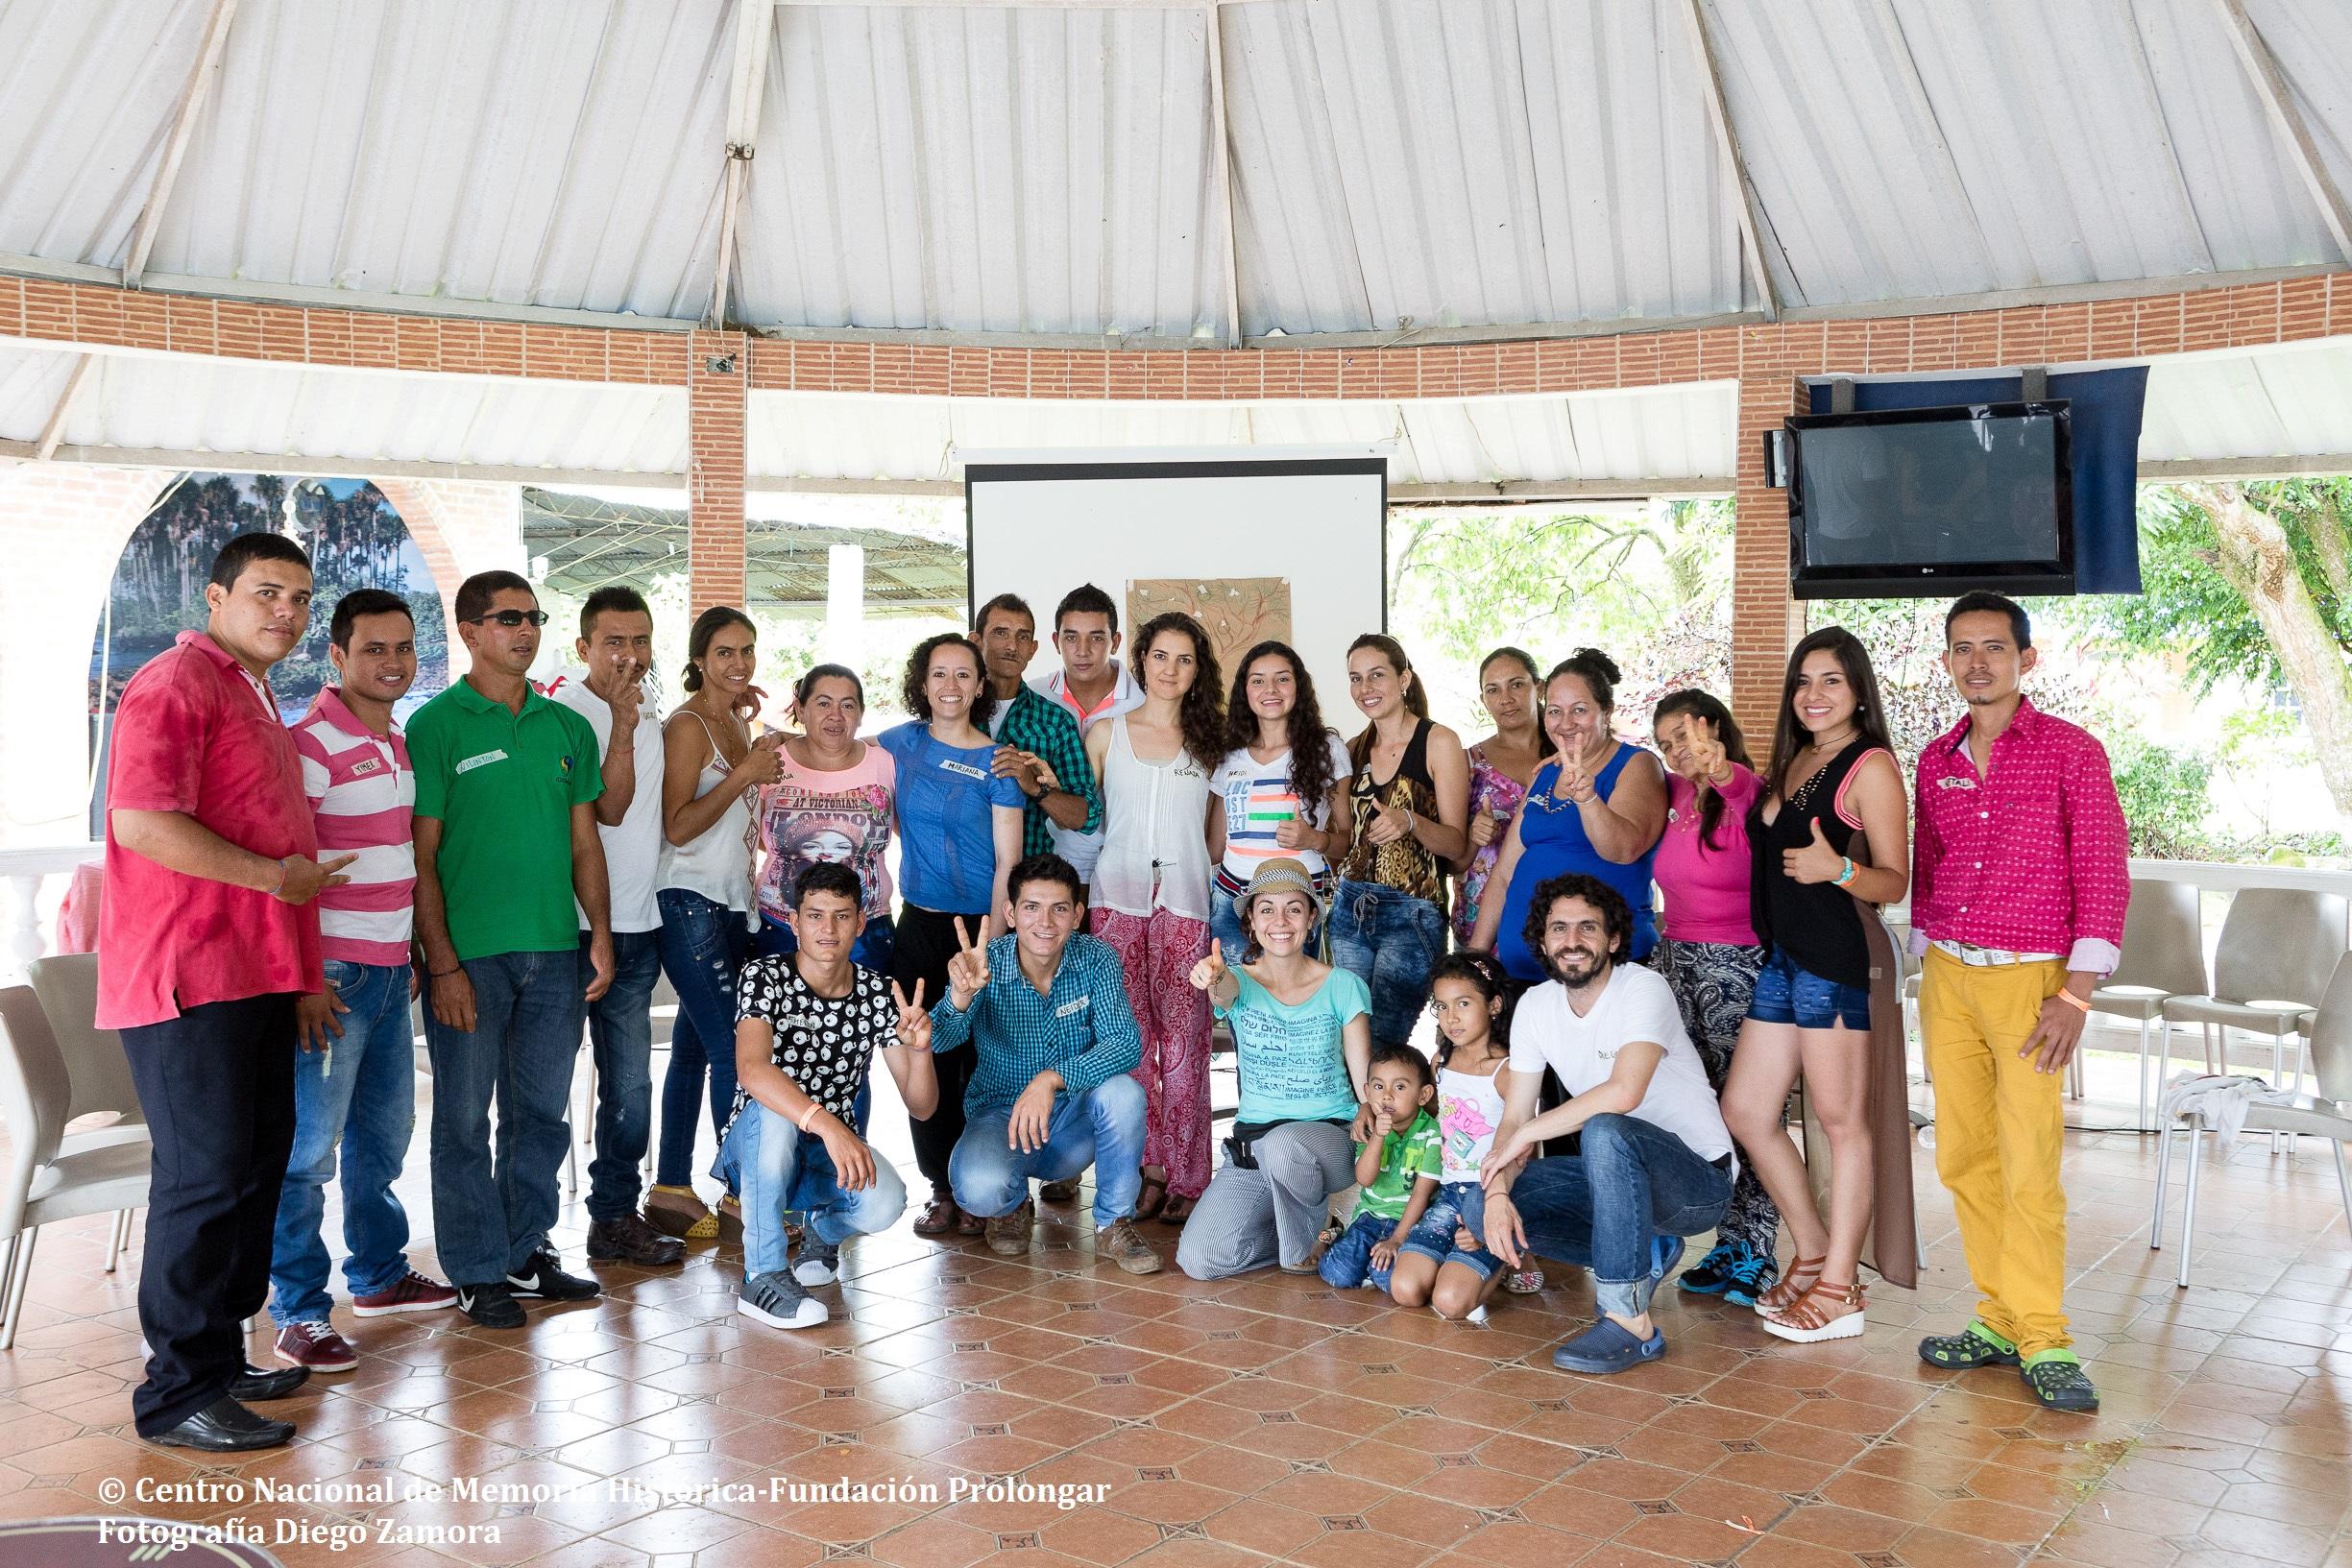 memoria-y-paz-villavicencio-fundacionprolongar-4